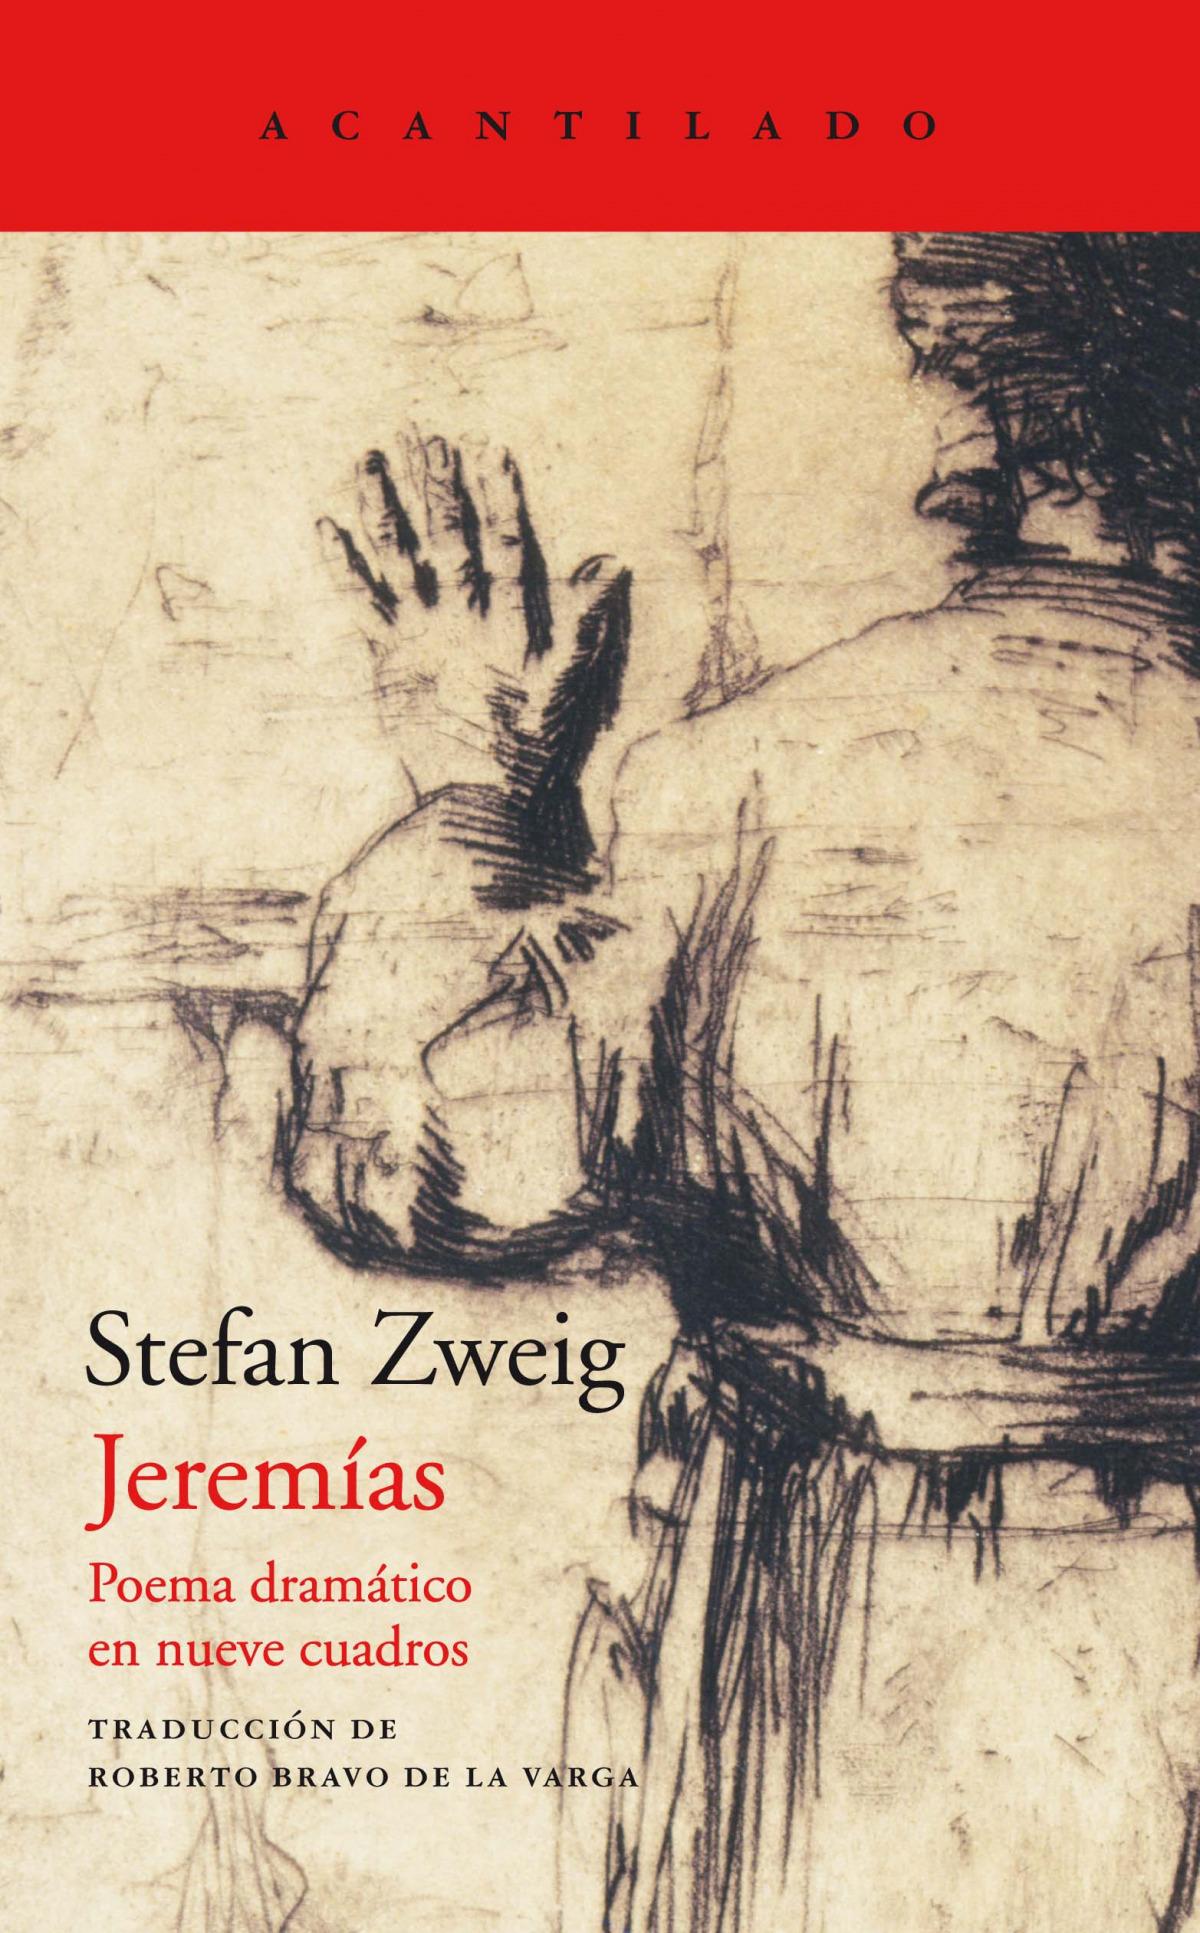 Jeremáas